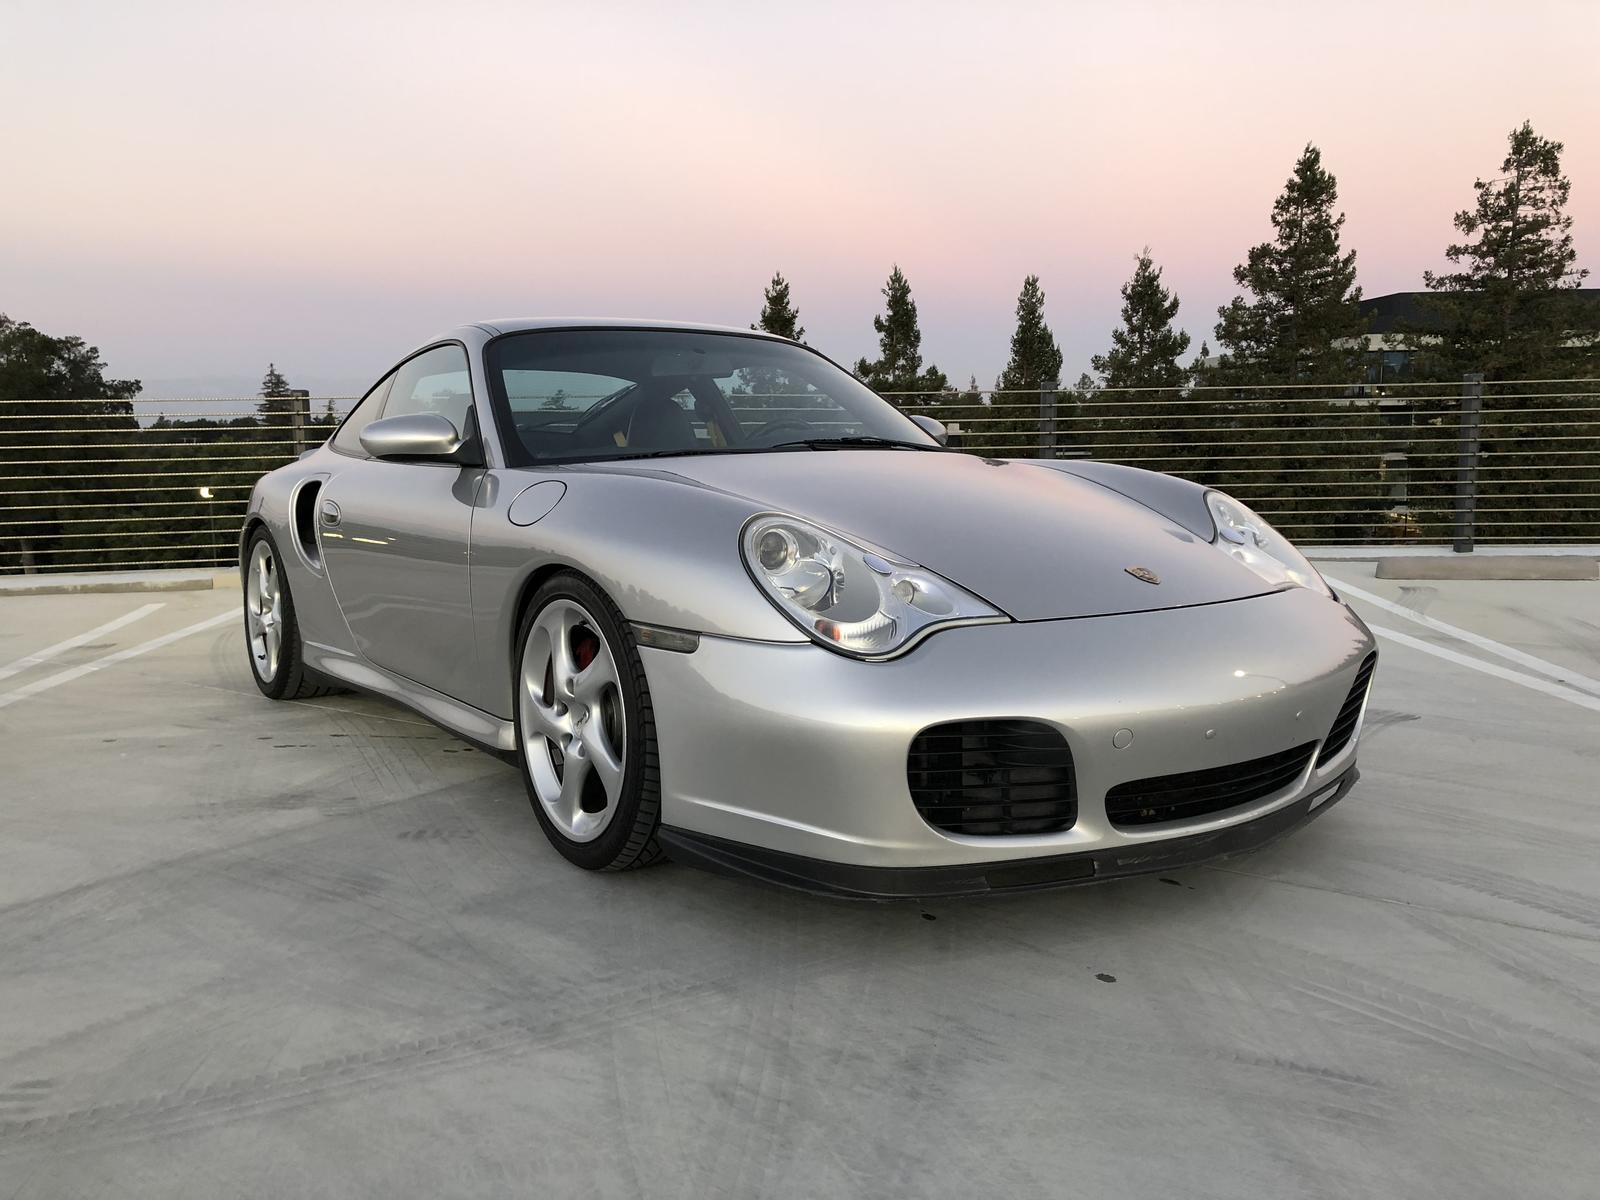 2001 porsche 911 turbo 996 manual